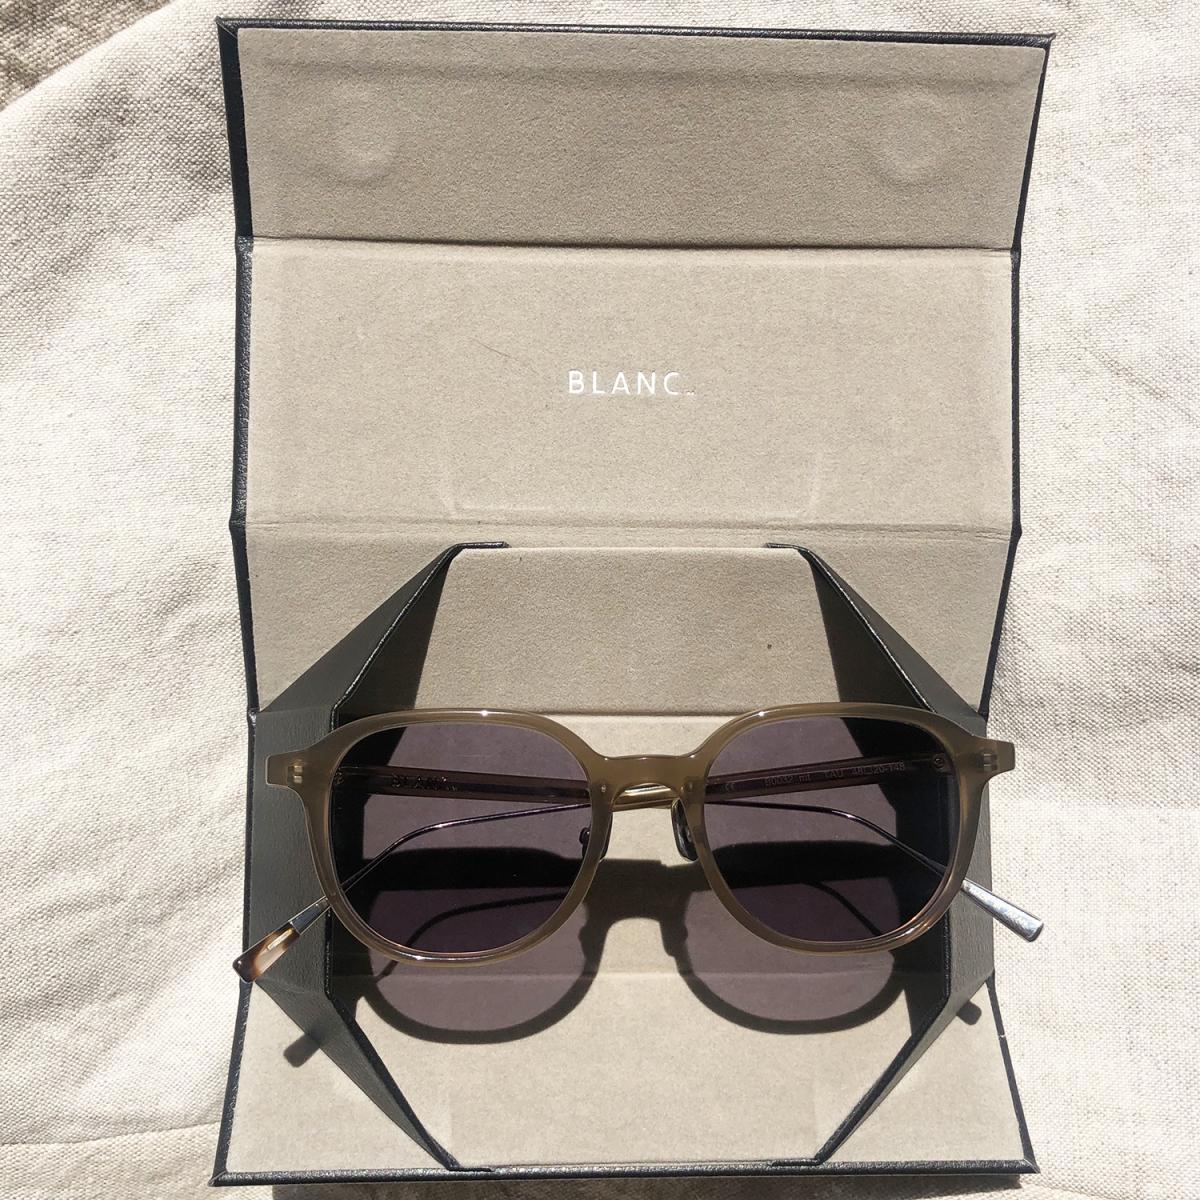 BLANC.は2012年にスタートした日本のアイウェアブランド。鯖江で生産されたメガネはその質の高さはもちろん、高いファッション性が評価され、大手セレクトショップなどでの取り扱いがあります。